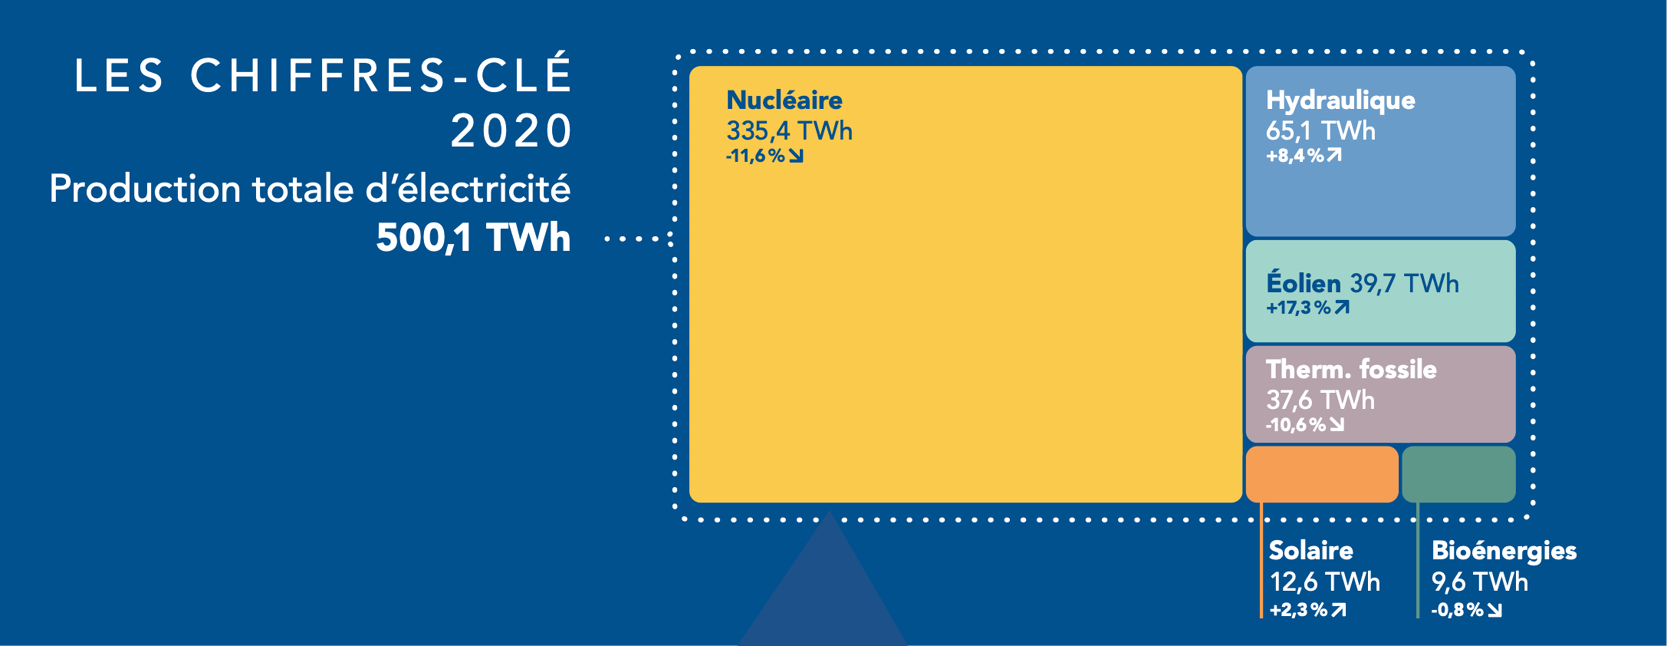 Production d'électricité par source d'énergie en 2020 Rte